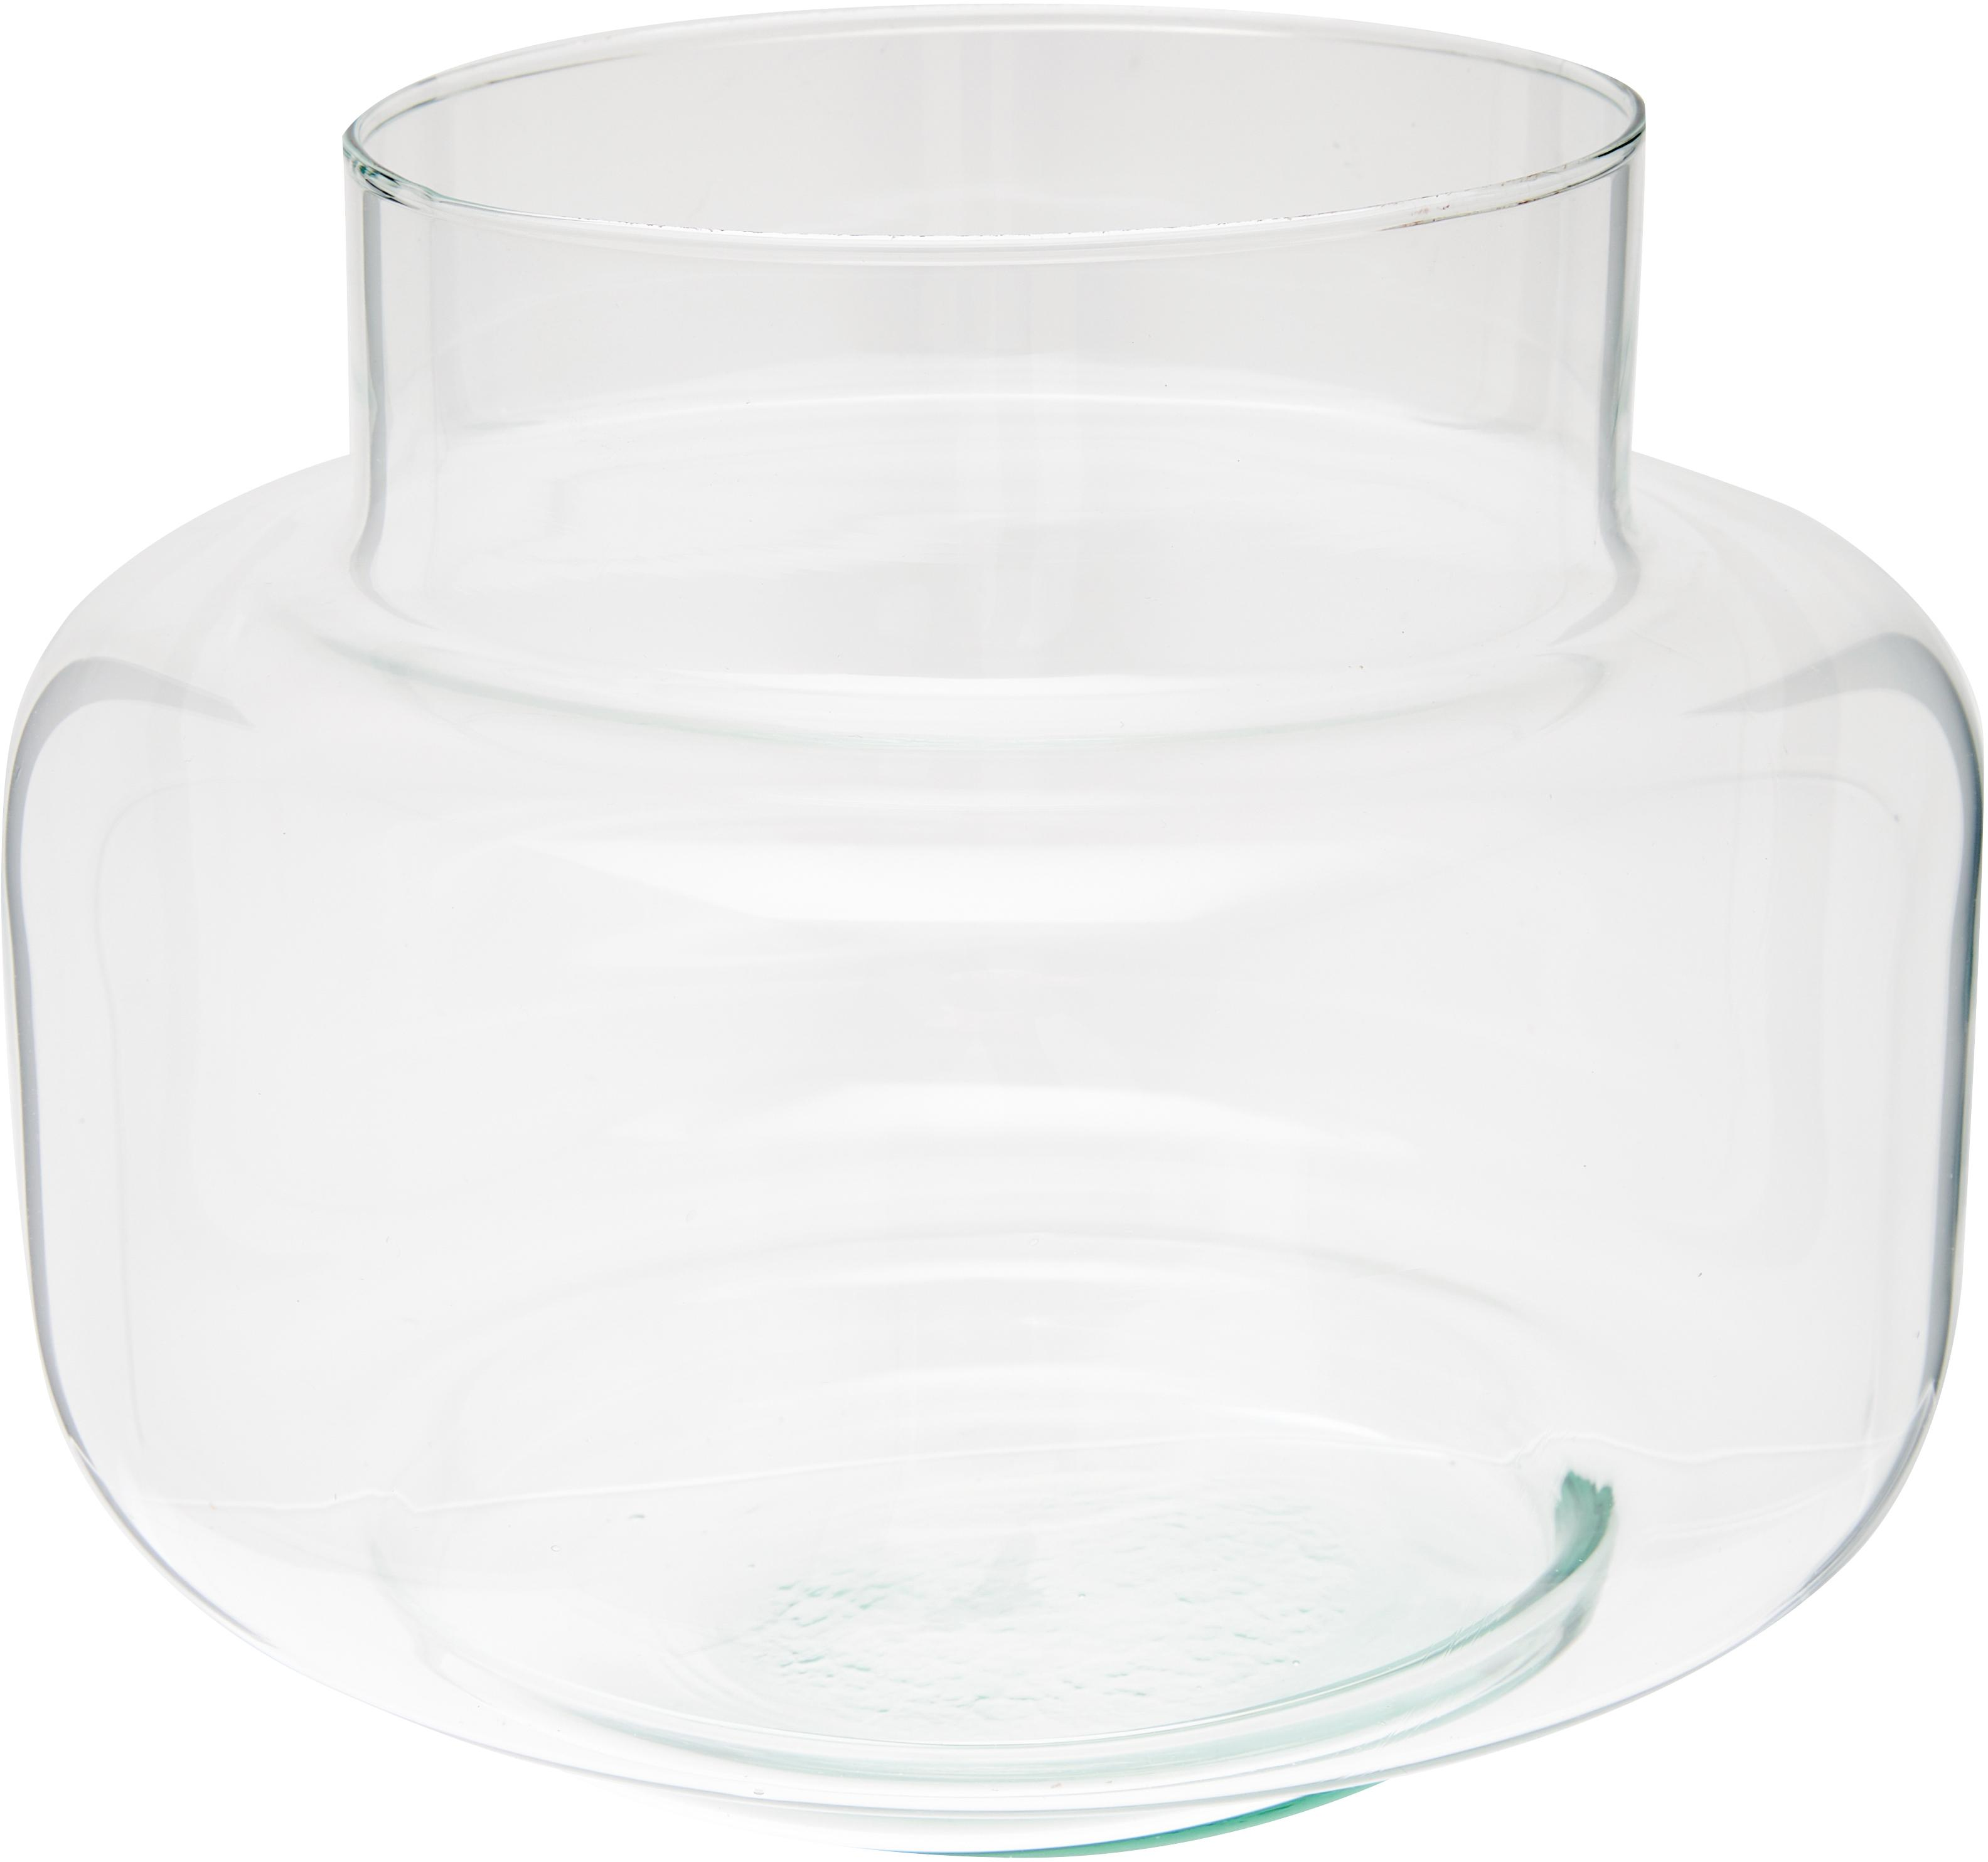 Vaso in vetro riciclato Dalia, Vetro riciclato, Trasparente, Ø 22 x Alt. 18 cm